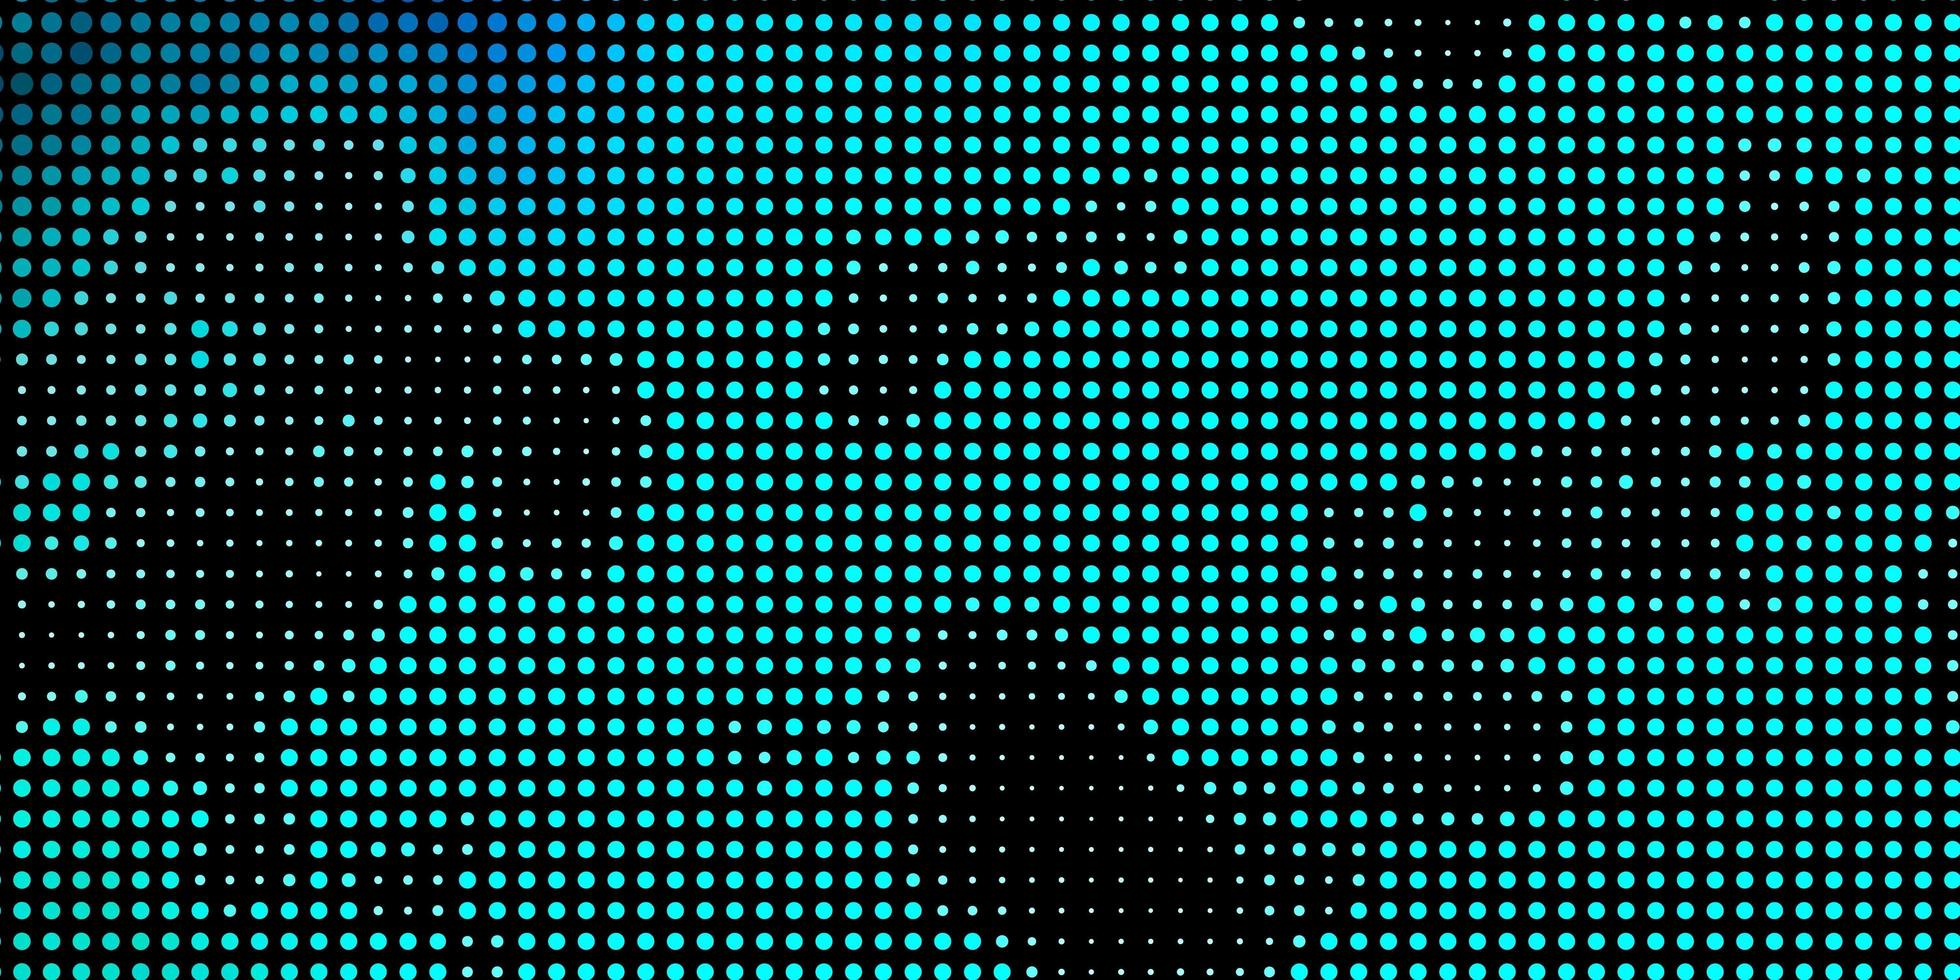 hellblaue Vektorbeschaffenheit mit Kreisen vektor